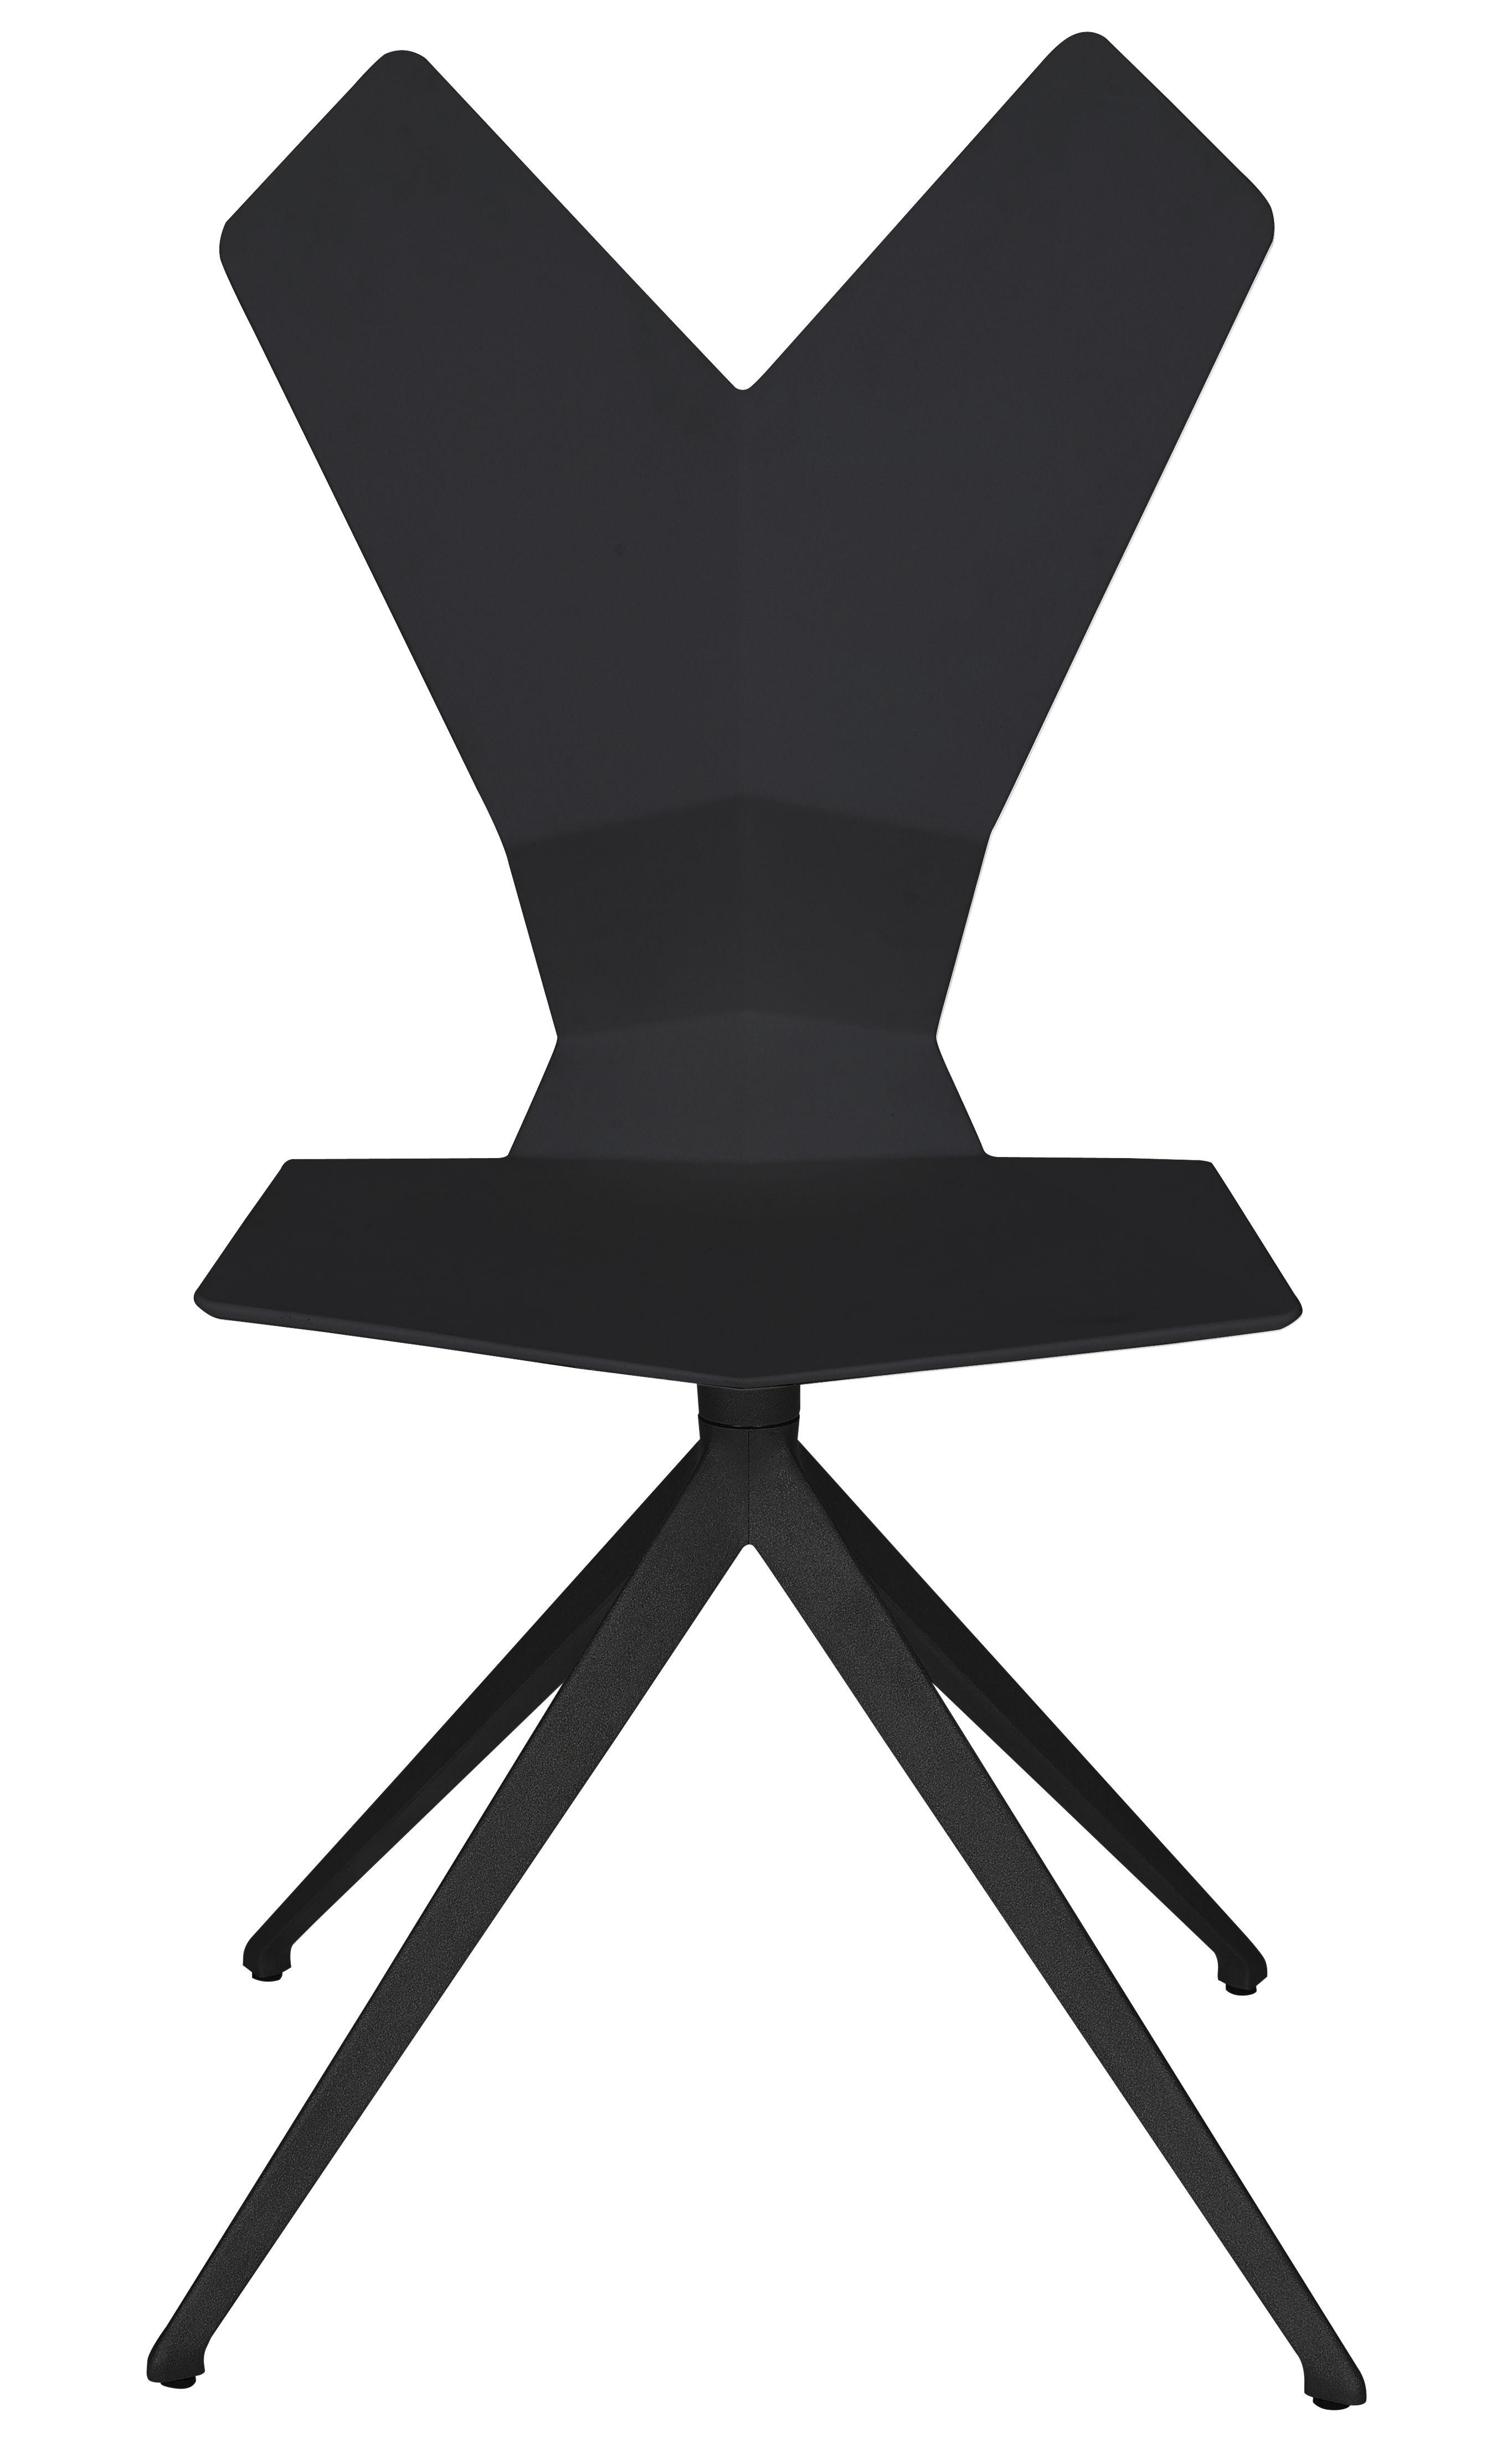 Mobilier - Chaises, fauteuils de salle à manger - Chaise Y / Assise plastique & pieds métal - Tom Dixon - Coque noire - piètement noir - Aluminium verni